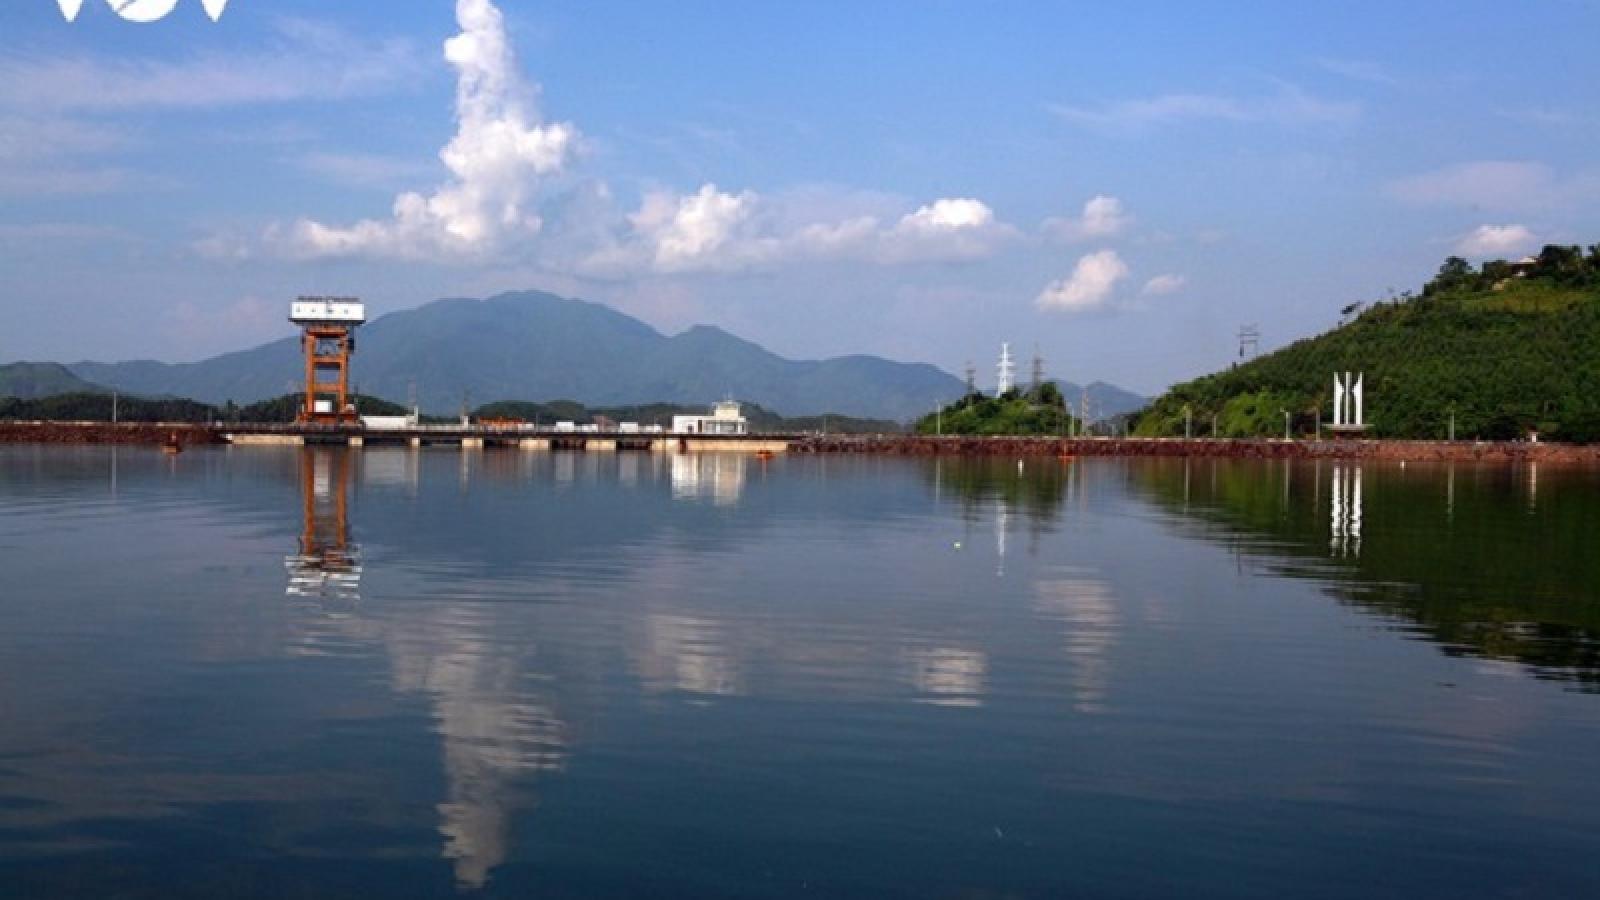 Các hồ chứa nước ở miền Bắc, Bắc và Trung trung bộ cơ bản đã đầy nước